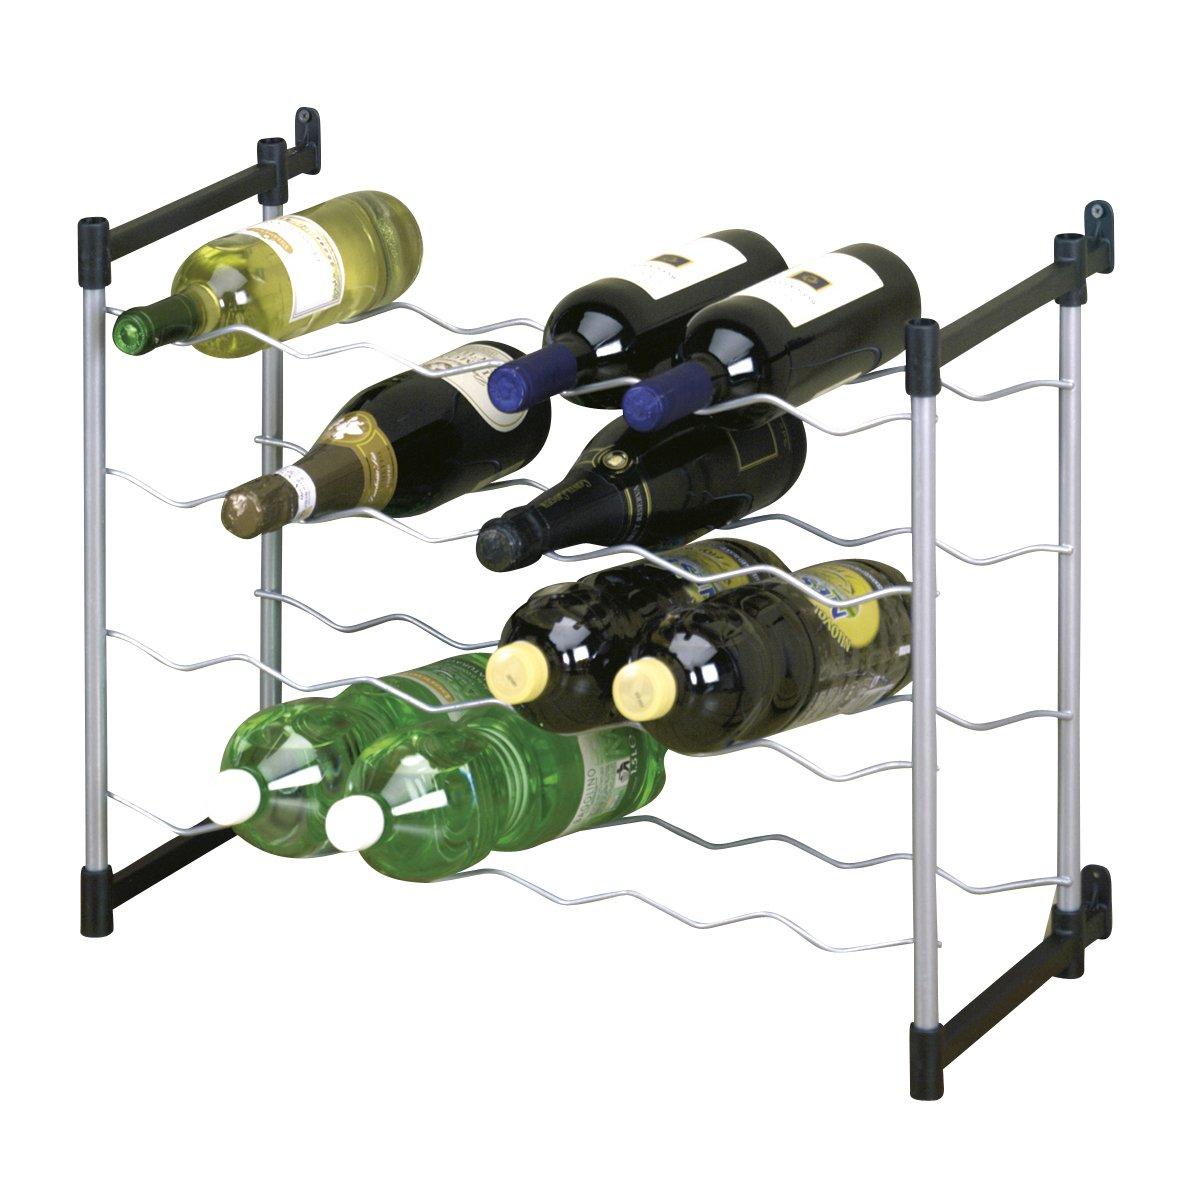 Metaltex 383724039 Flaschenregal Für 24 Flaschen 59 X 26 X 45 Cm